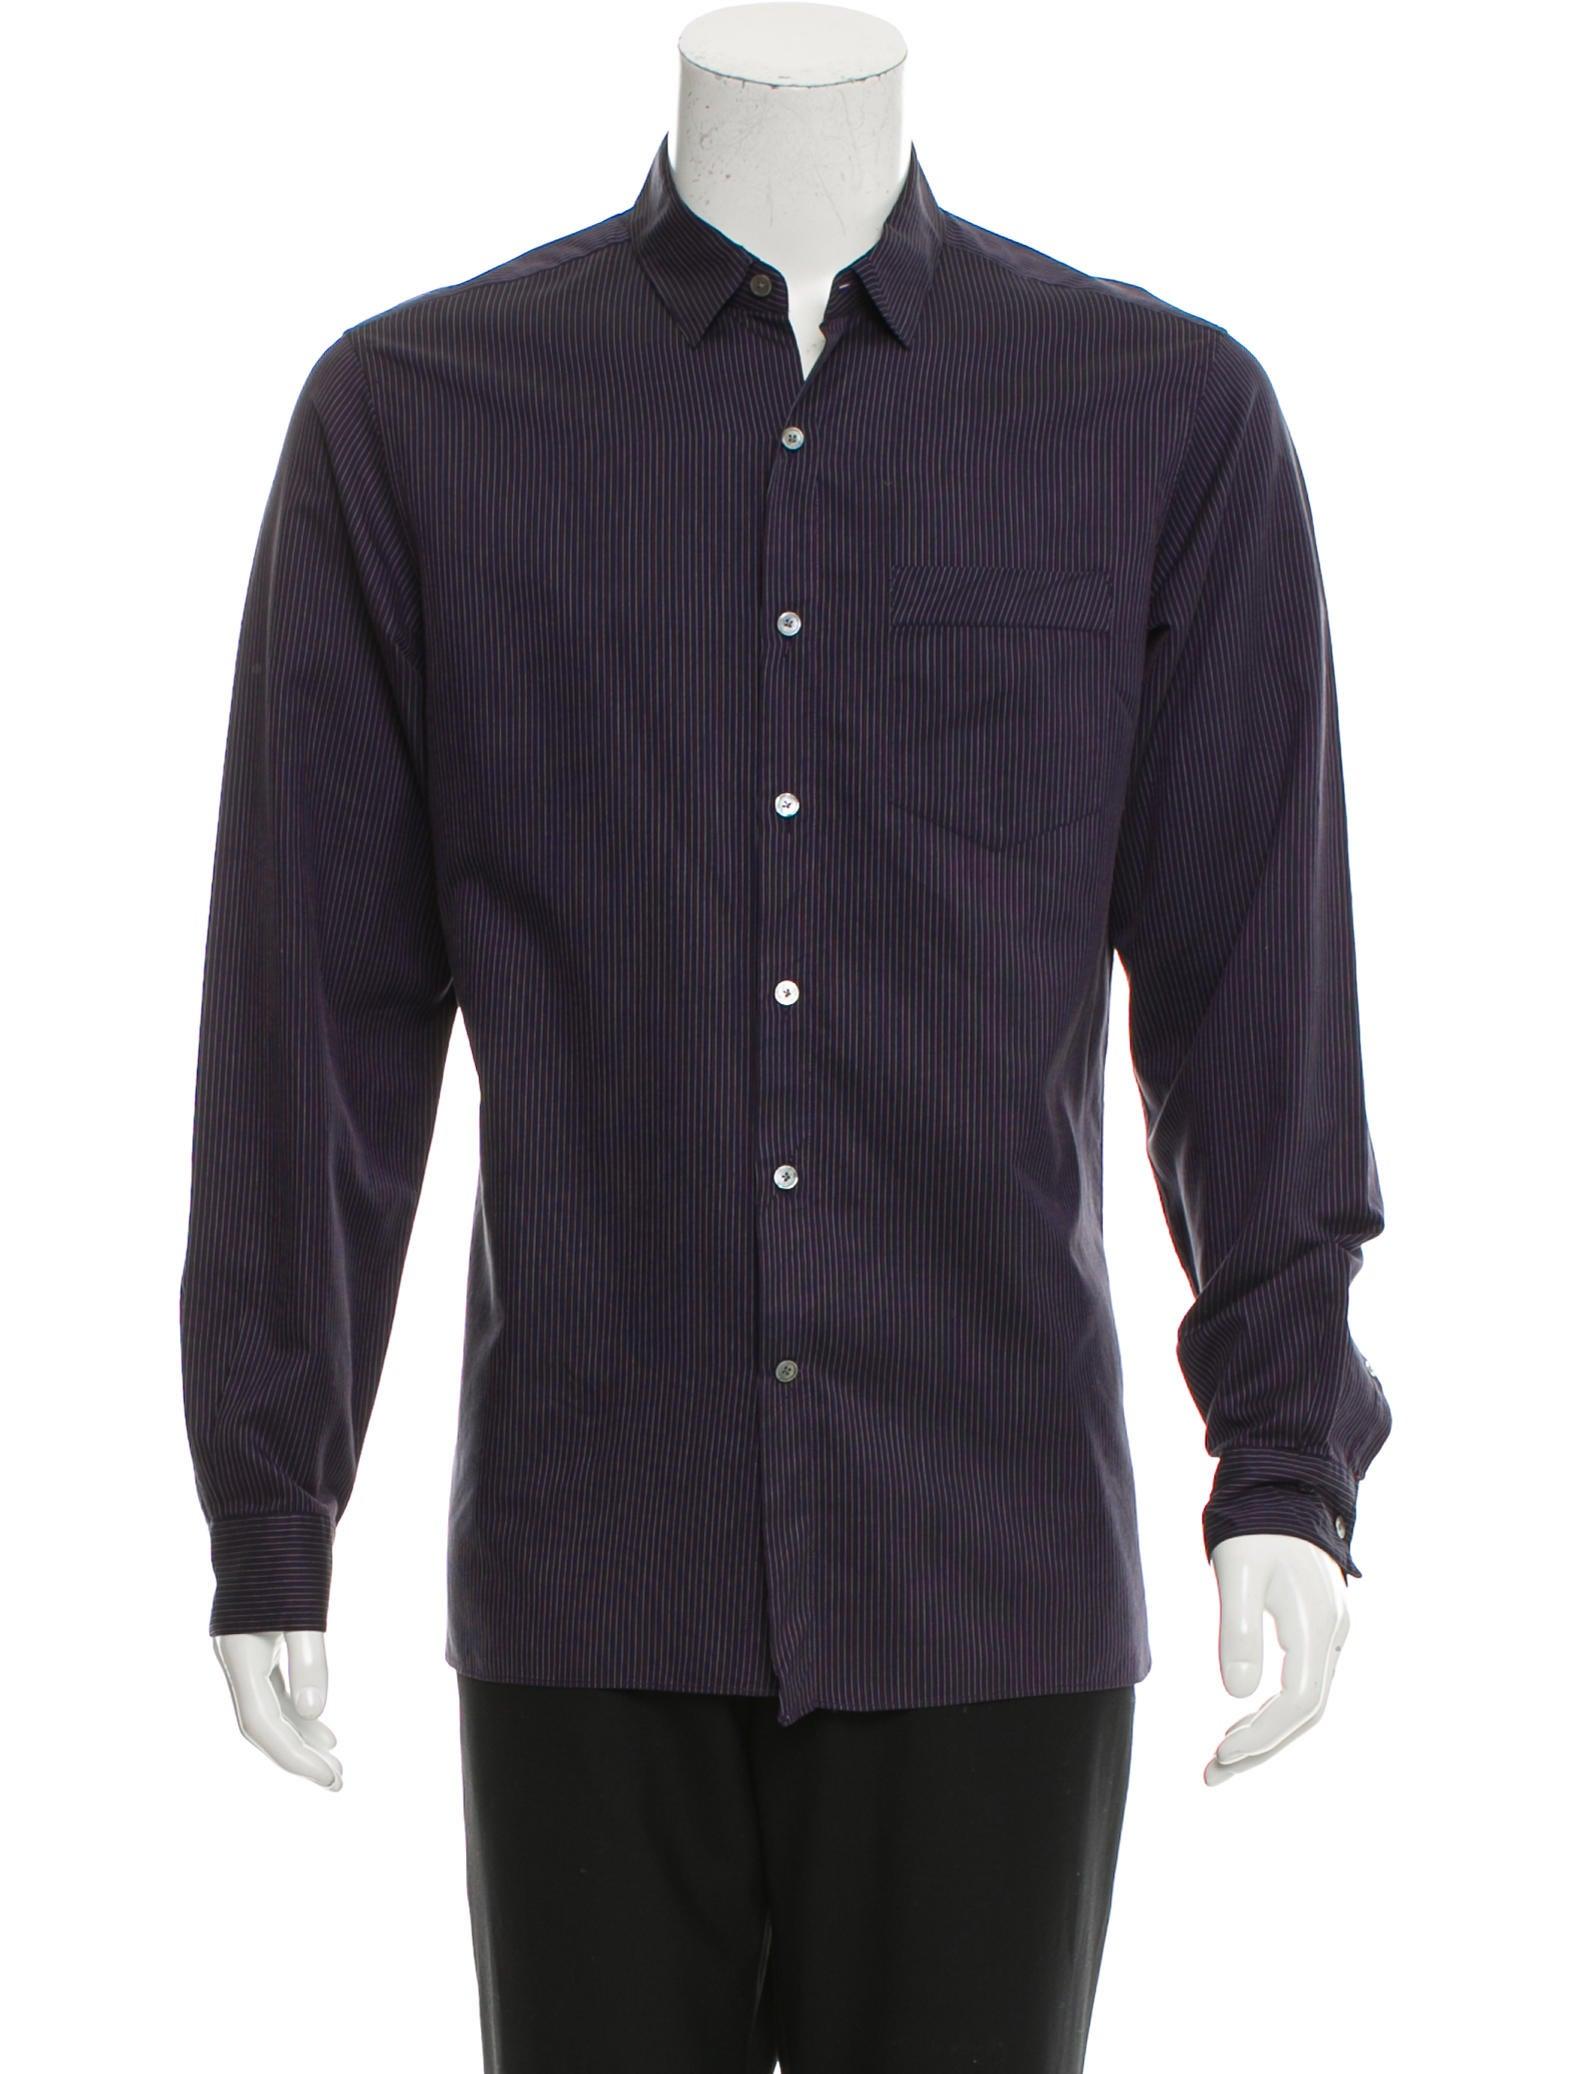 Lanvin striped button up shirt clothing lan61277 the for Striped button up shirt mens